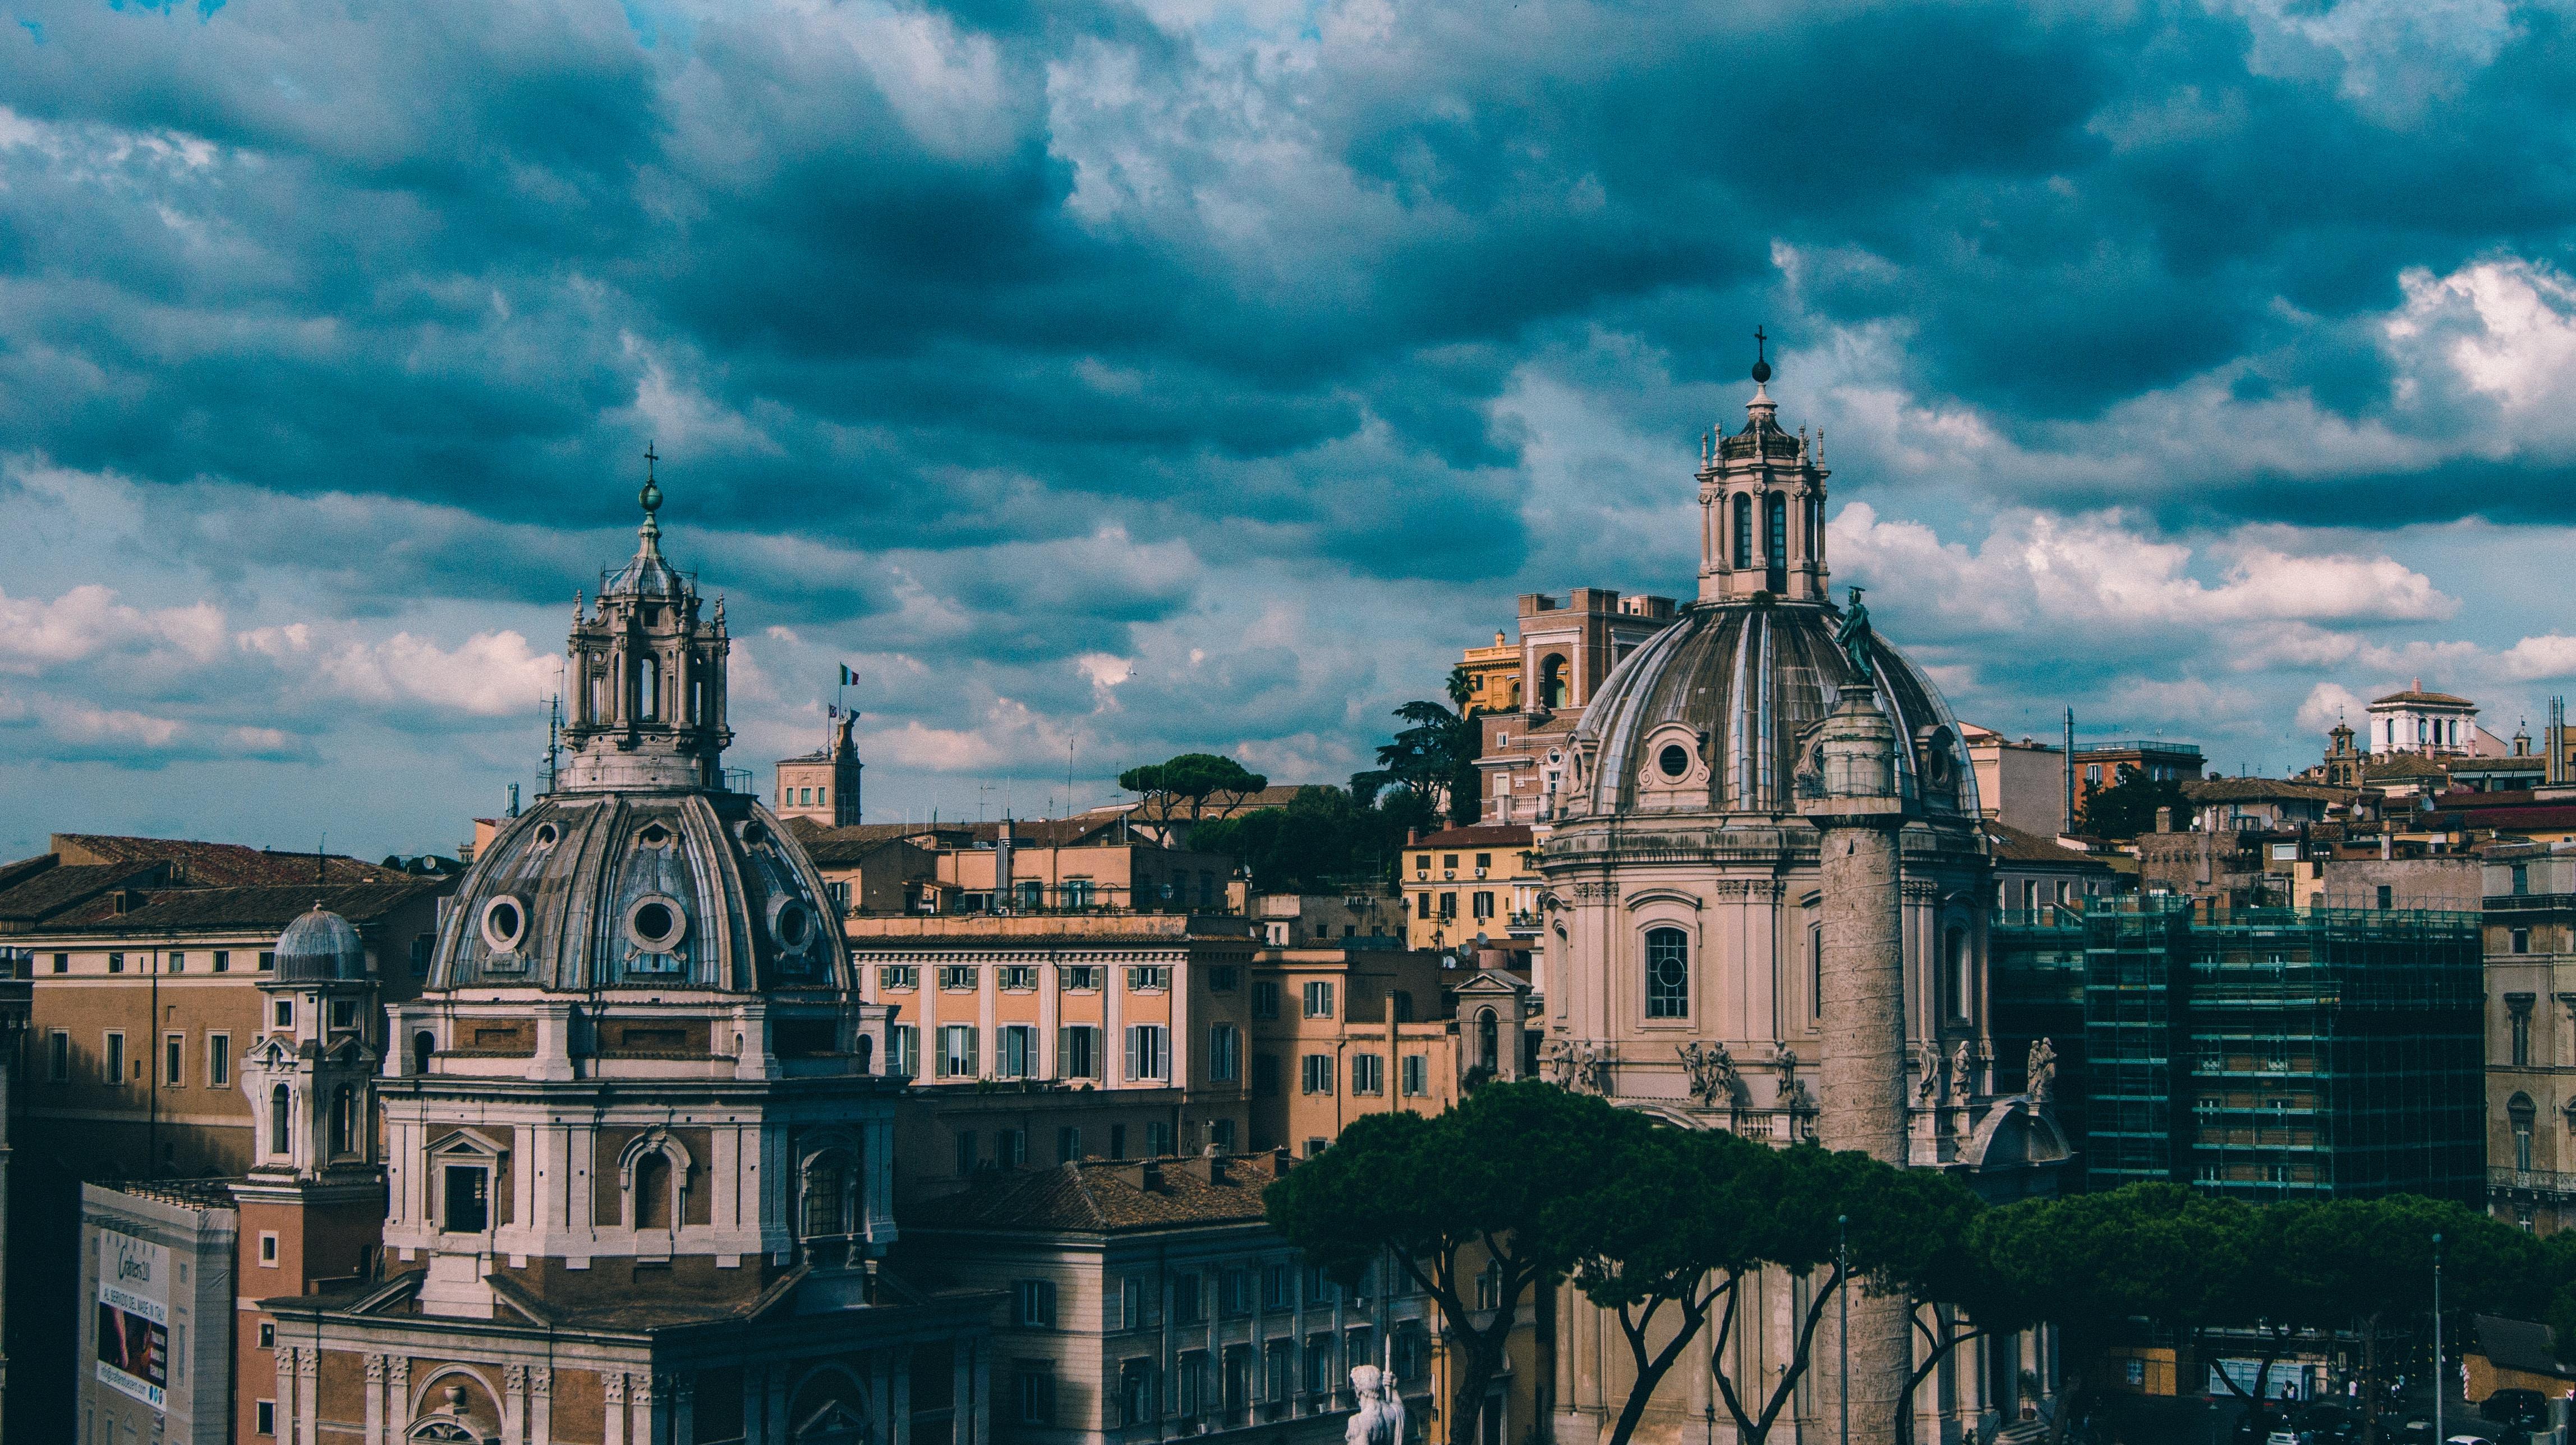 gray concrete buildings under blue cloudy sky